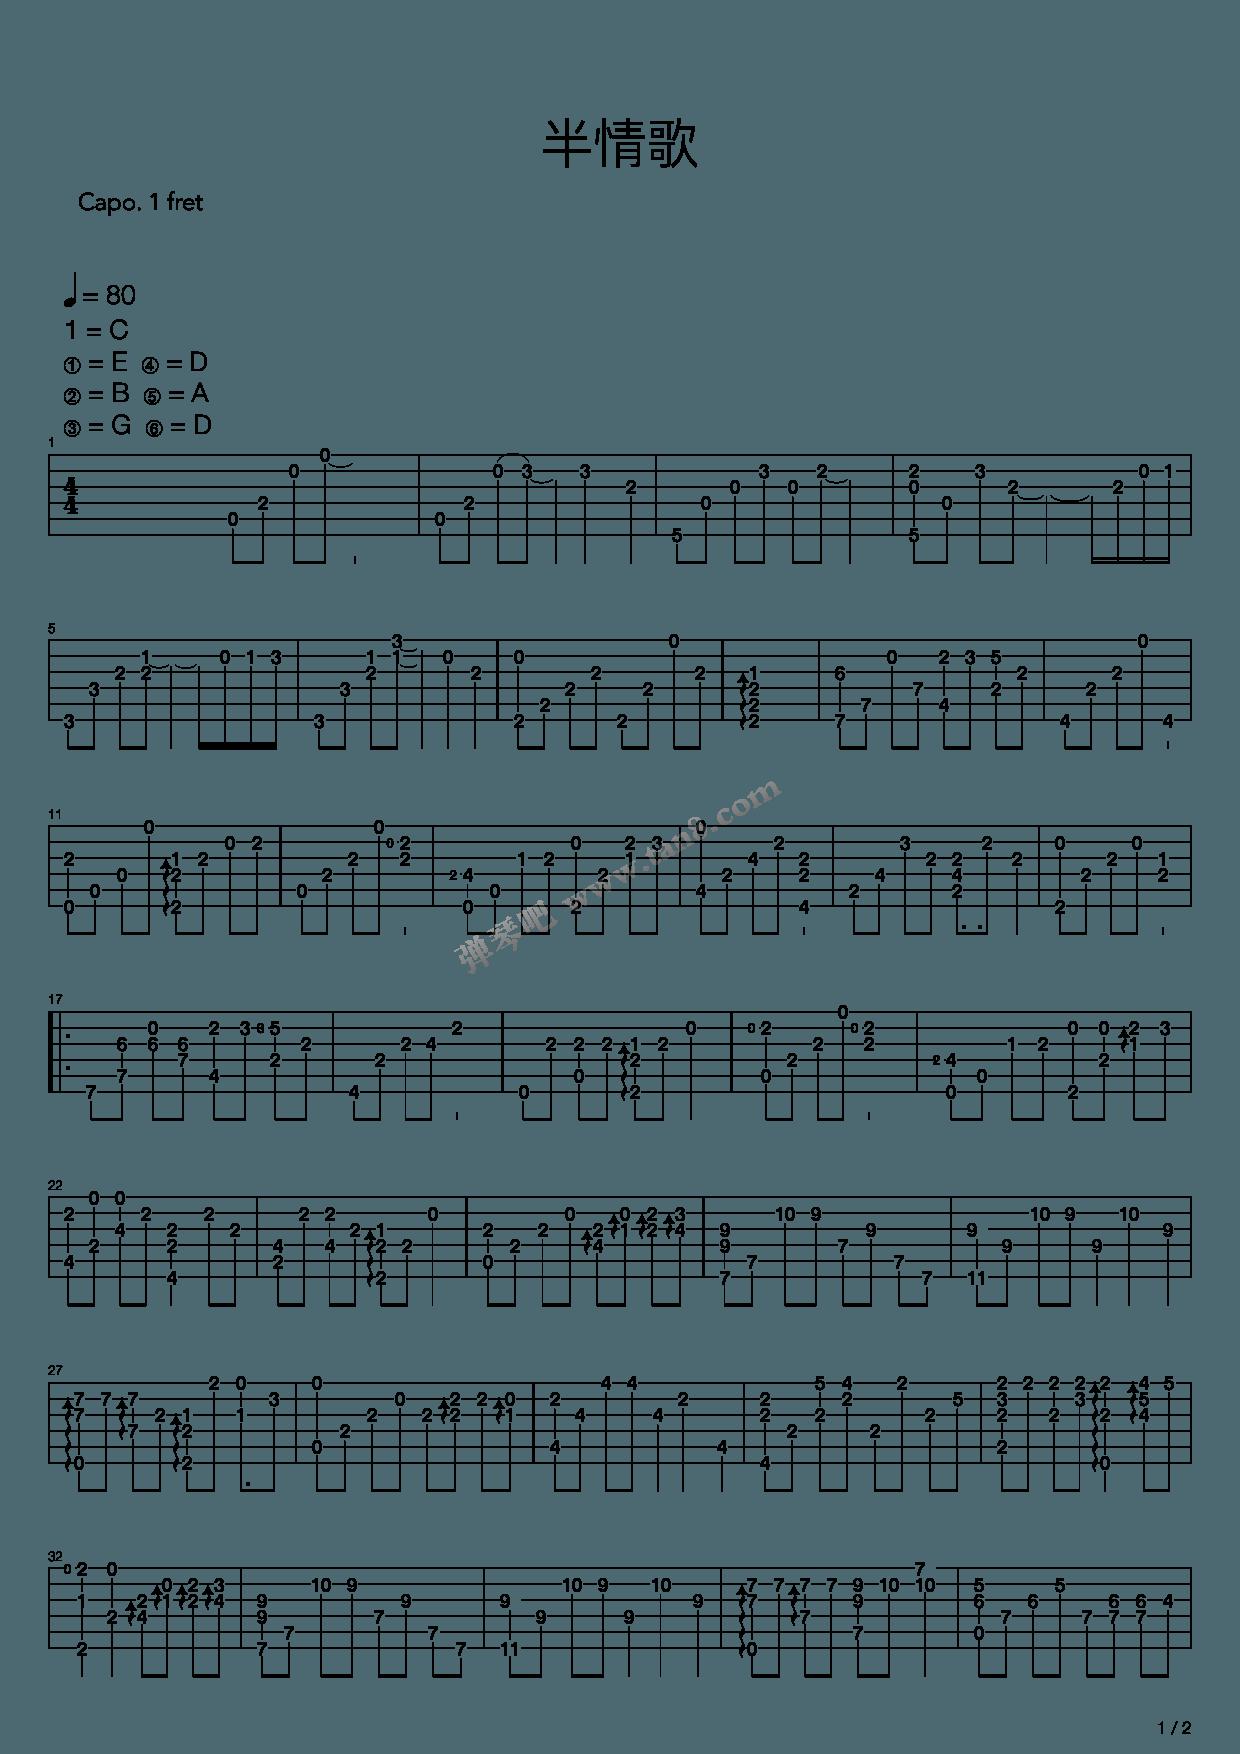 半情歌吉他谱 第1页